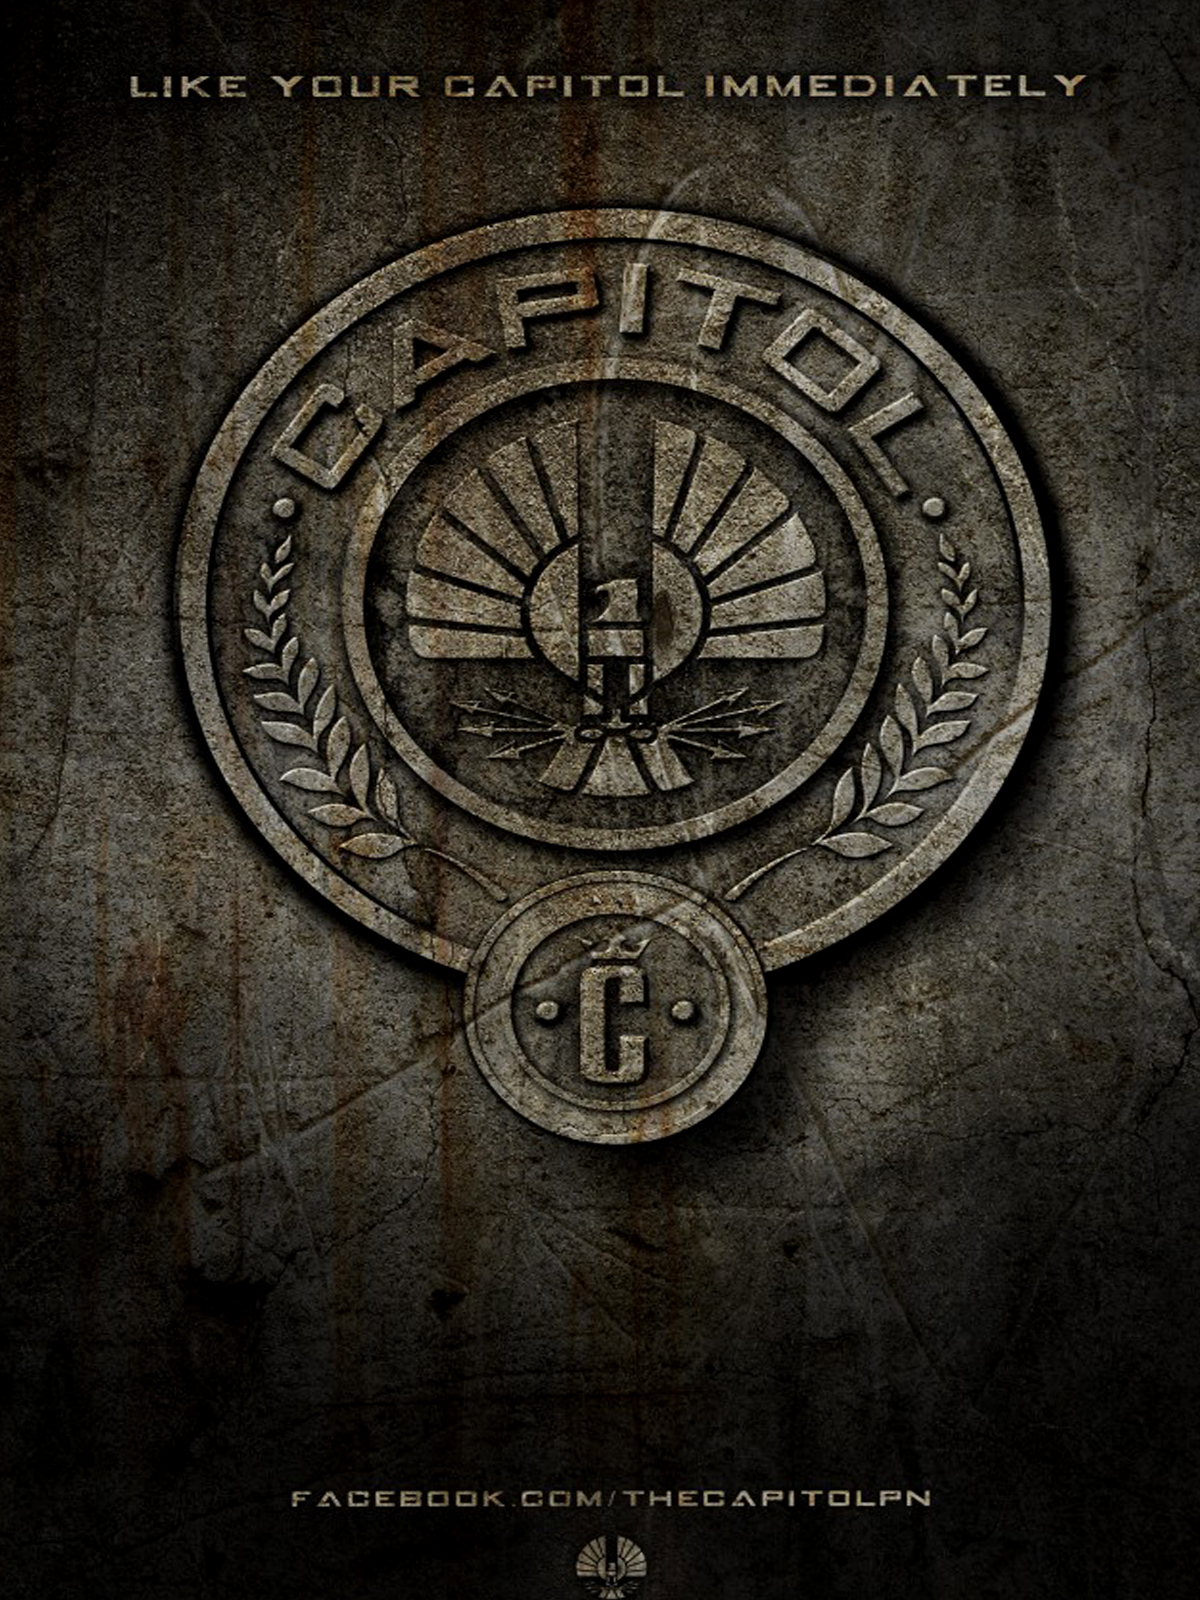 http://3.bp.blogspot.com/-tuiGQDvcEVw/T4SHm1ynG-I/AAAAAAAABPg/PfTDvNBDci4/s1600/The_Hunger_Games_Capitol_Poster_HD_Wallpaper-Vvallpaper.Net.jpg